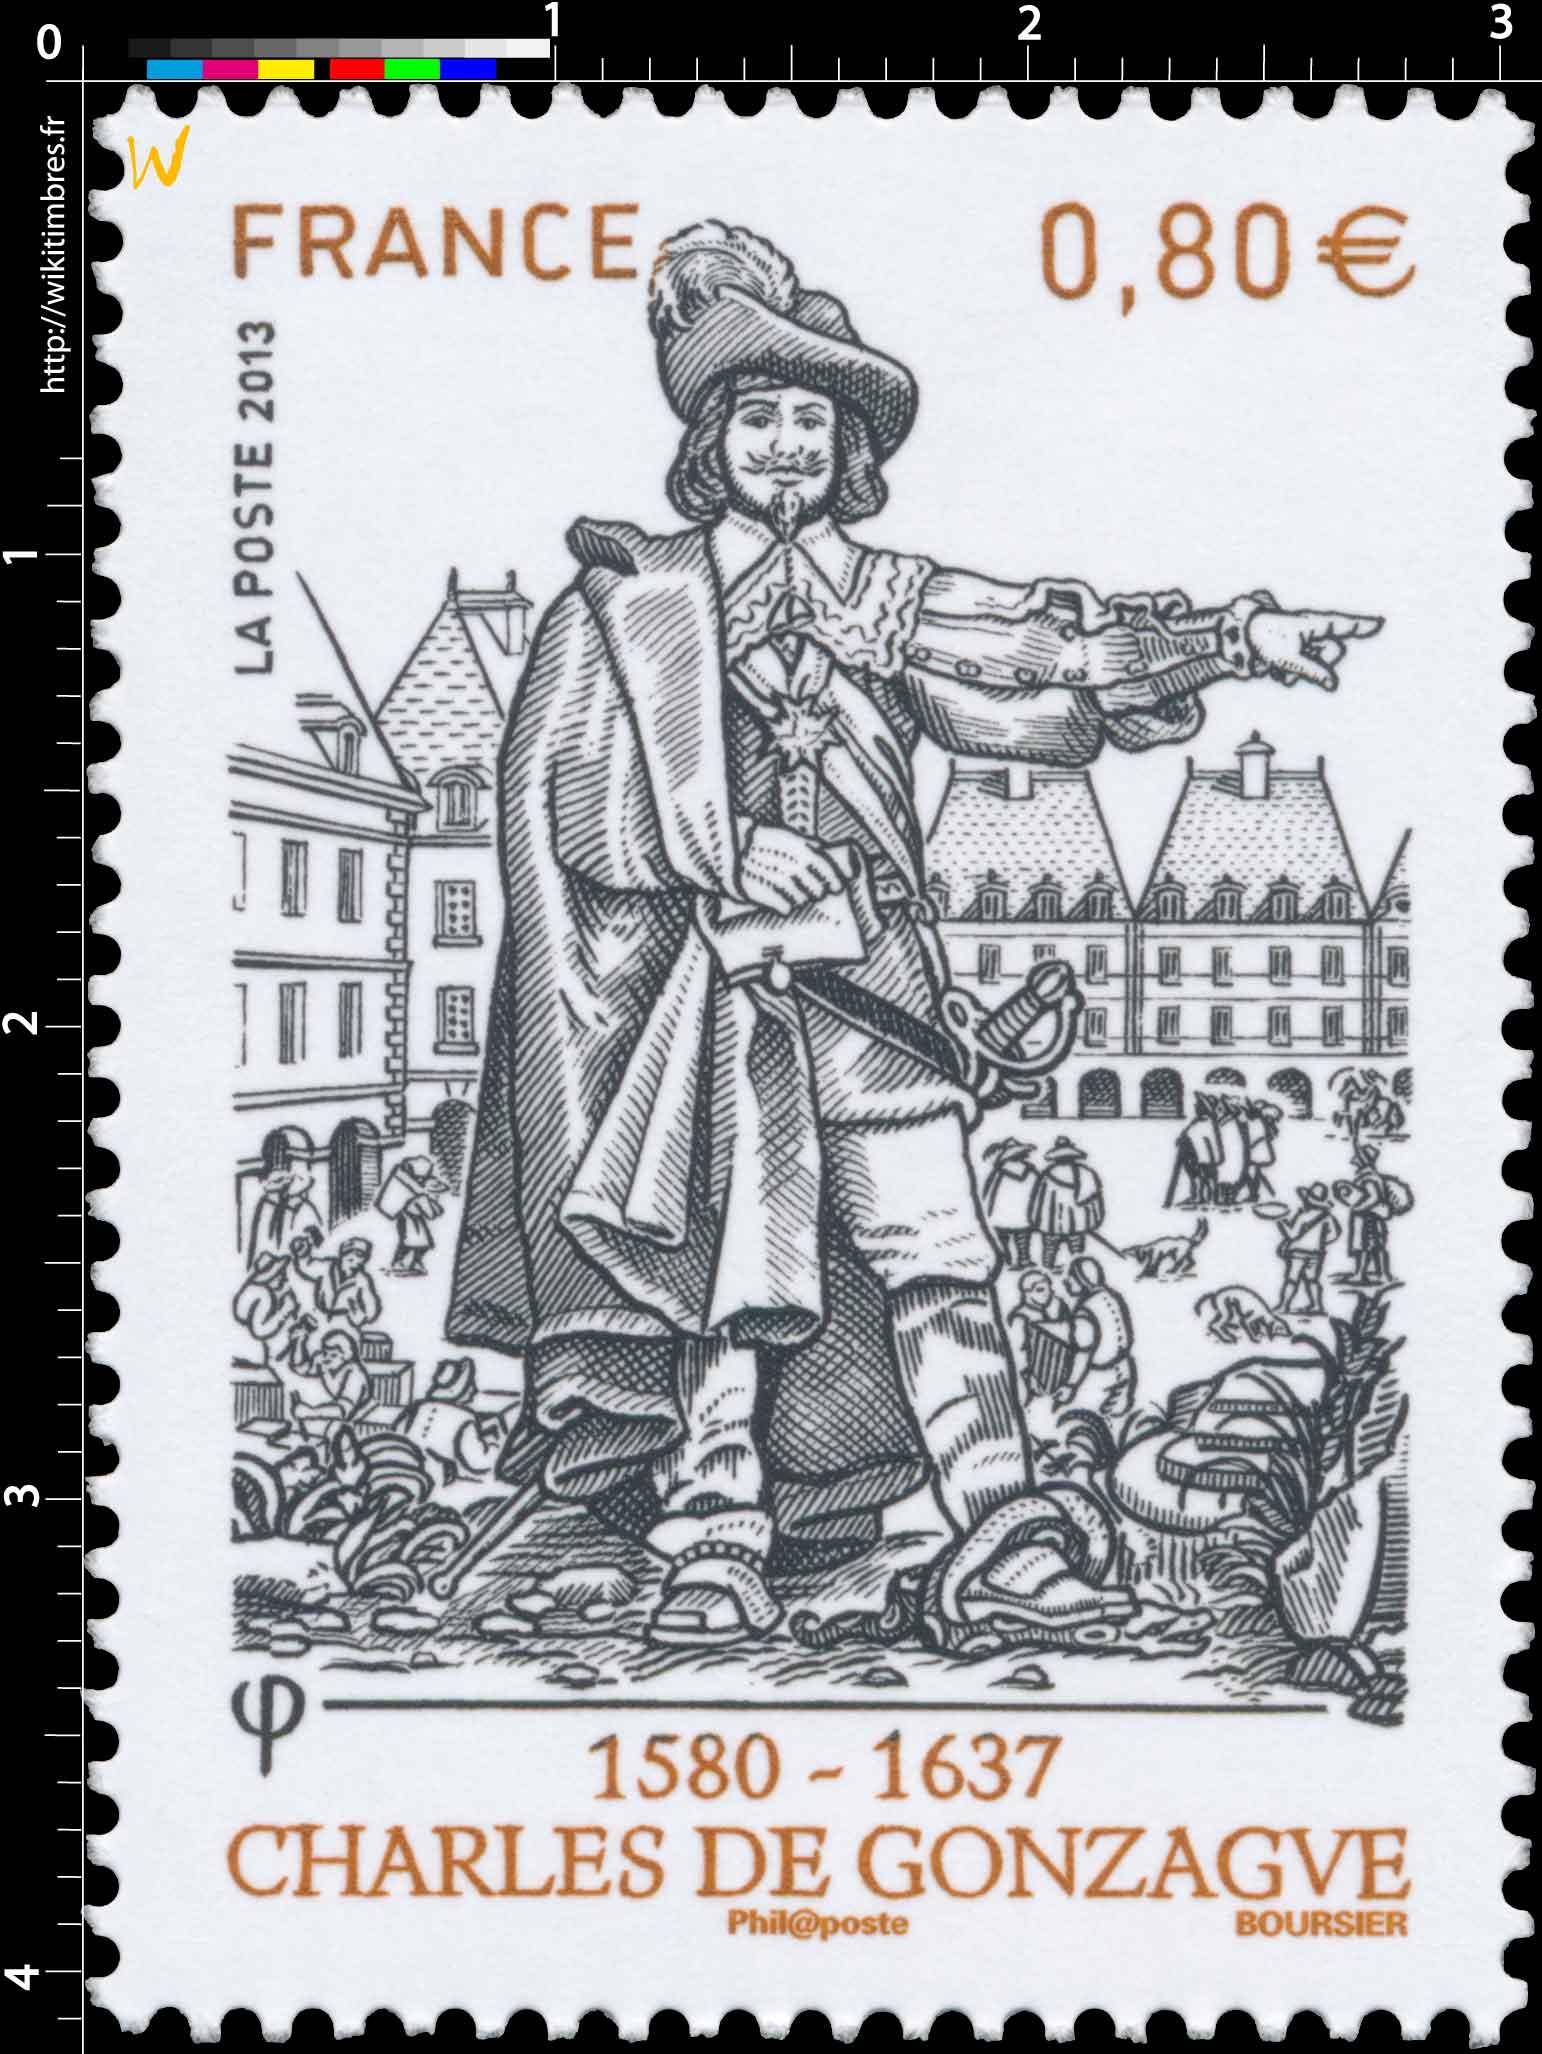 2013 Charles de Gonzague 1580 - 1637